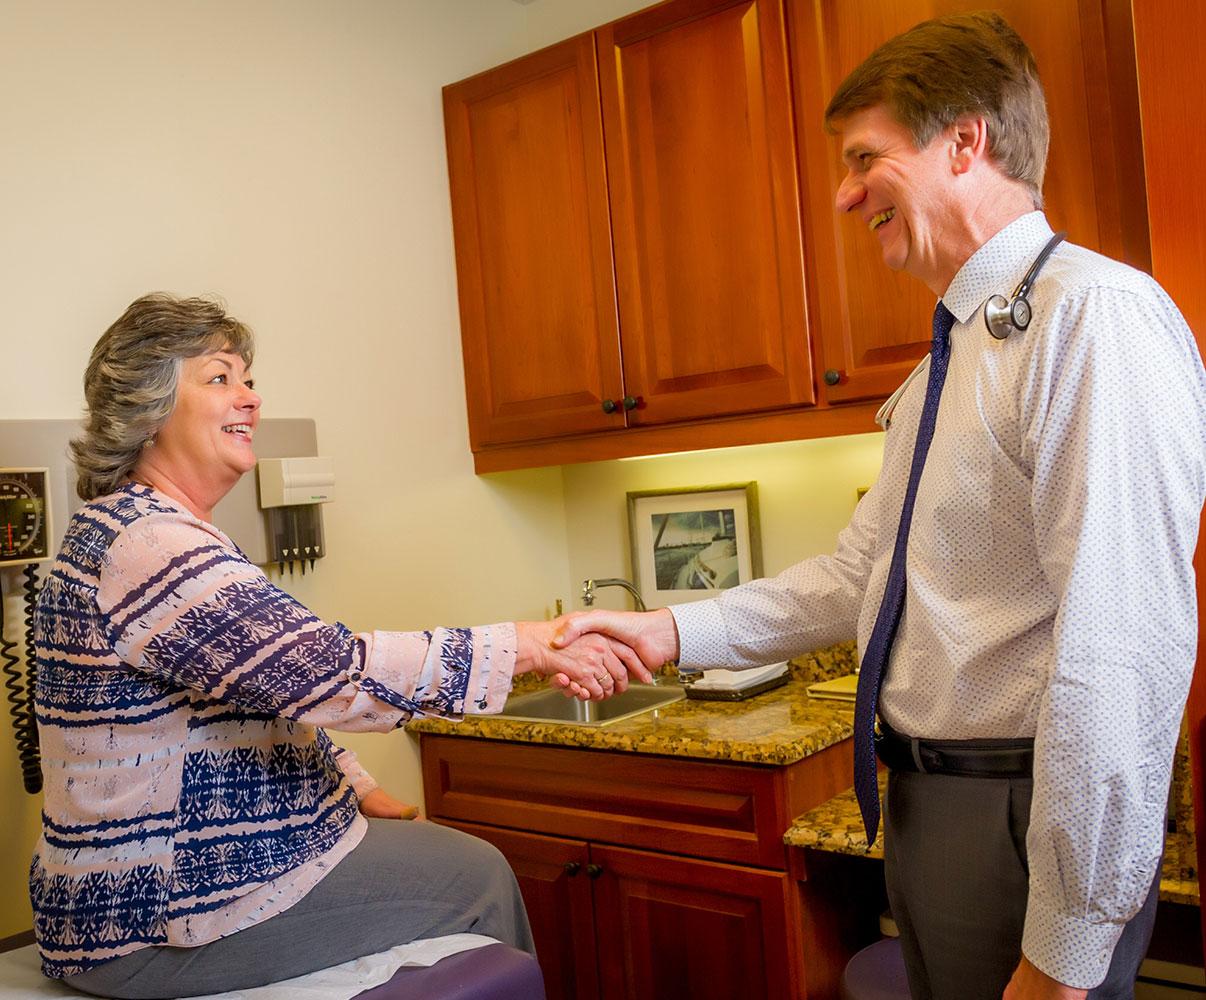 Dr Koop with Patient   Dr. Hermes Koop M.D. F.A.C.P